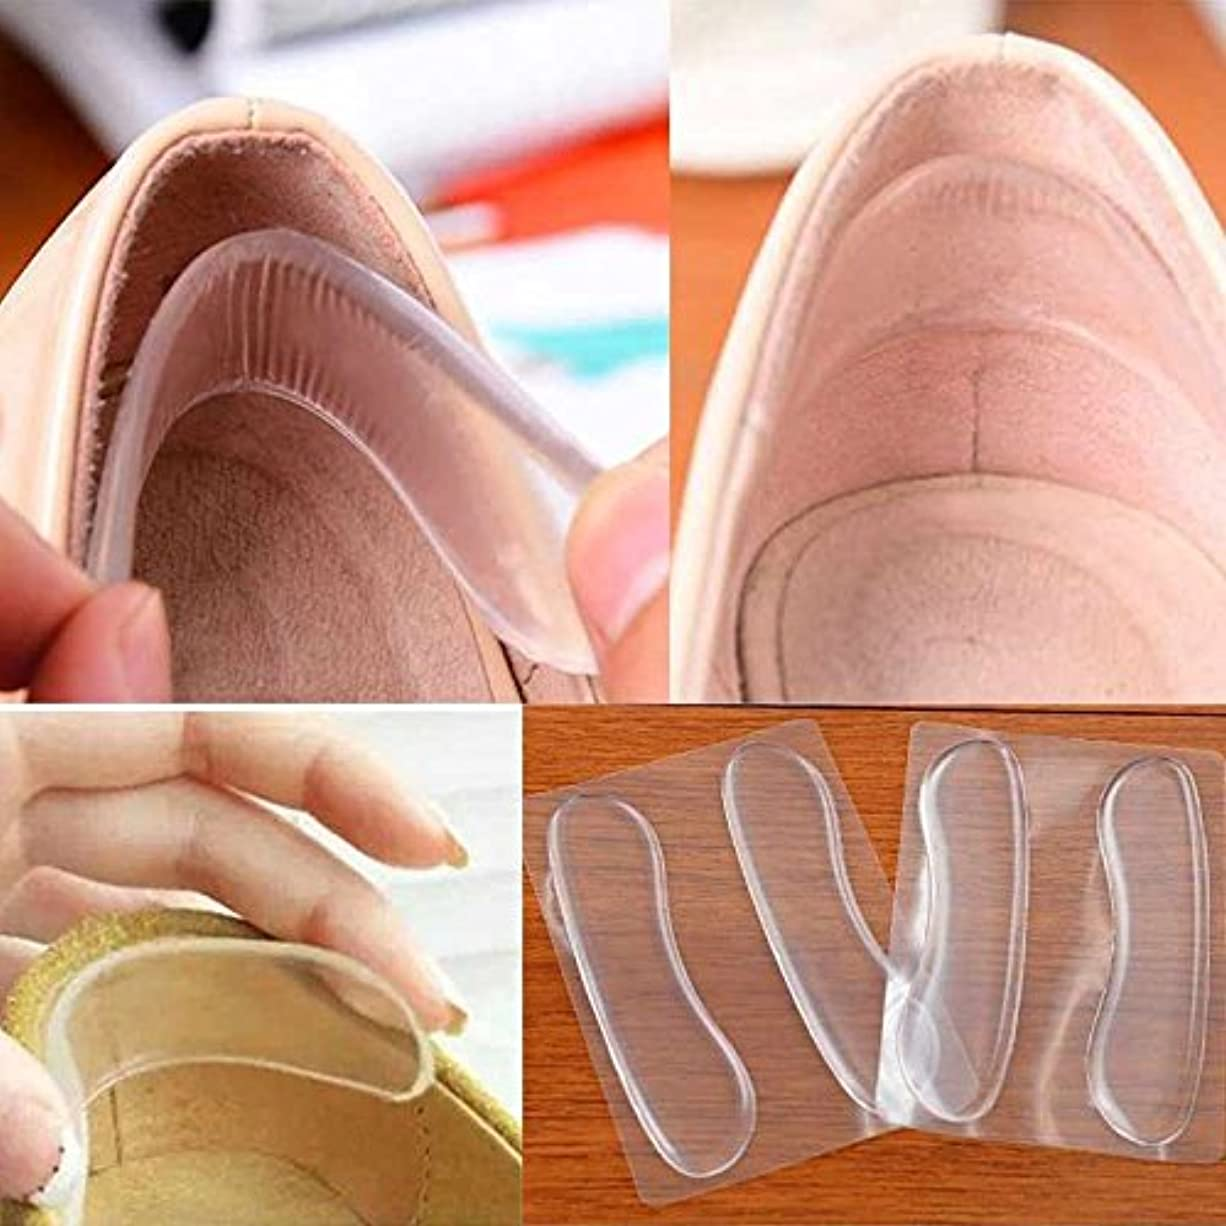 交じる外側流星LuxBene(TM) 2個ソフトシリコンパッドプロテクターシリコーンゲルの靴ハイヒールの靴パッドスティックヒールペディキュア用の保護シリコーンバックヒール